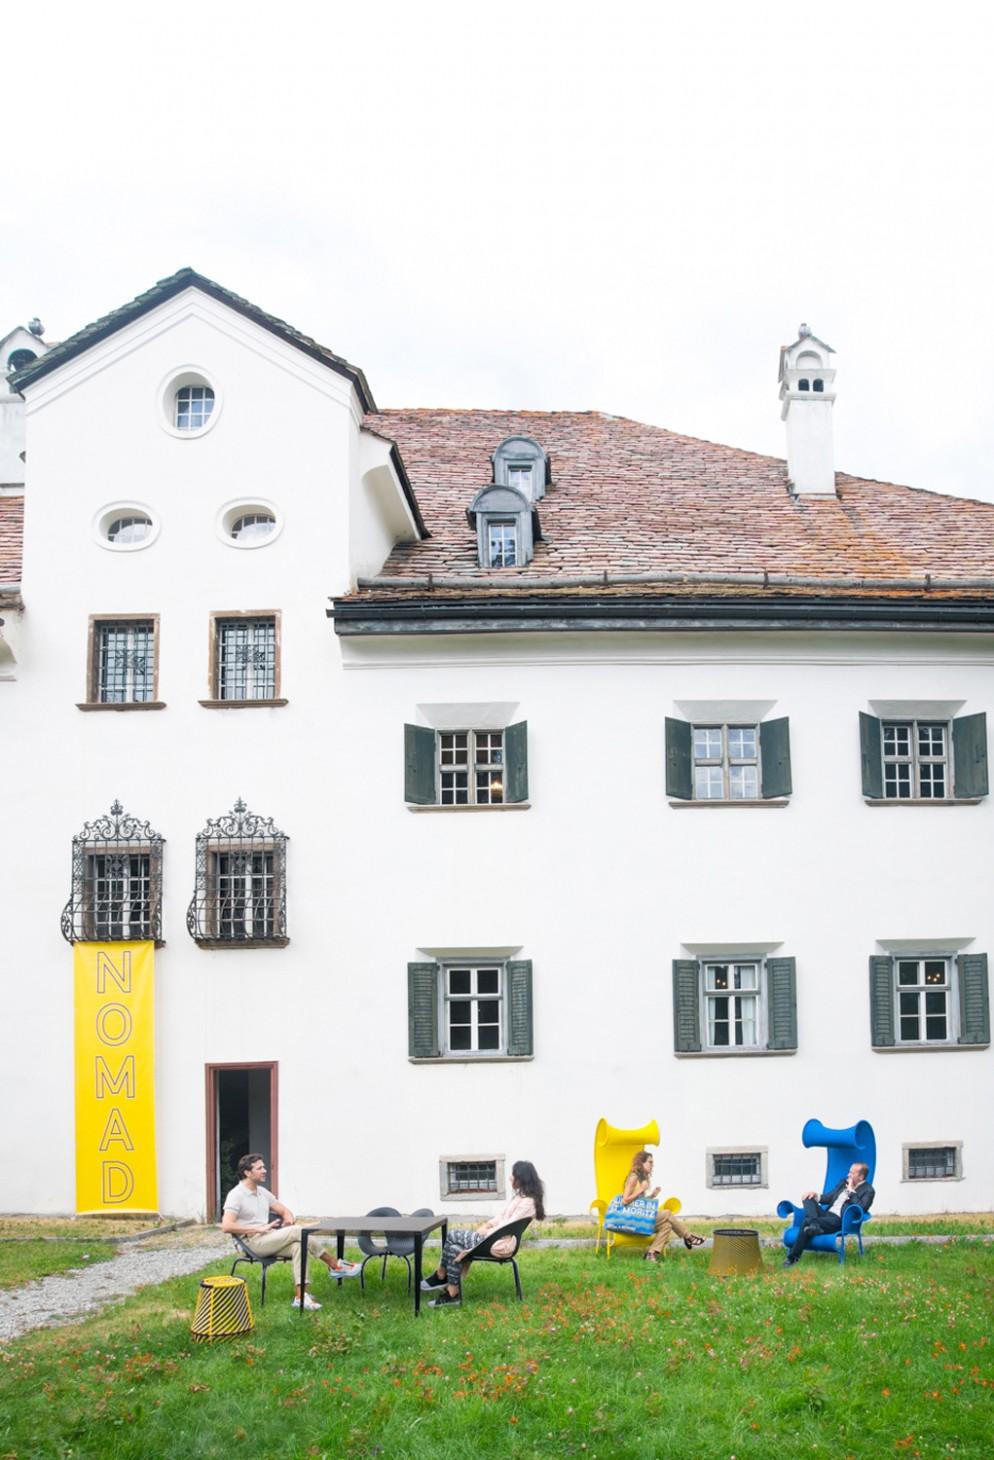 02_PS_NOMAD Summer Edition 2021 St. Moritz_CHESA_PLANTA_OUTSIDE 2_photo credit J'adore ce que vous faites!